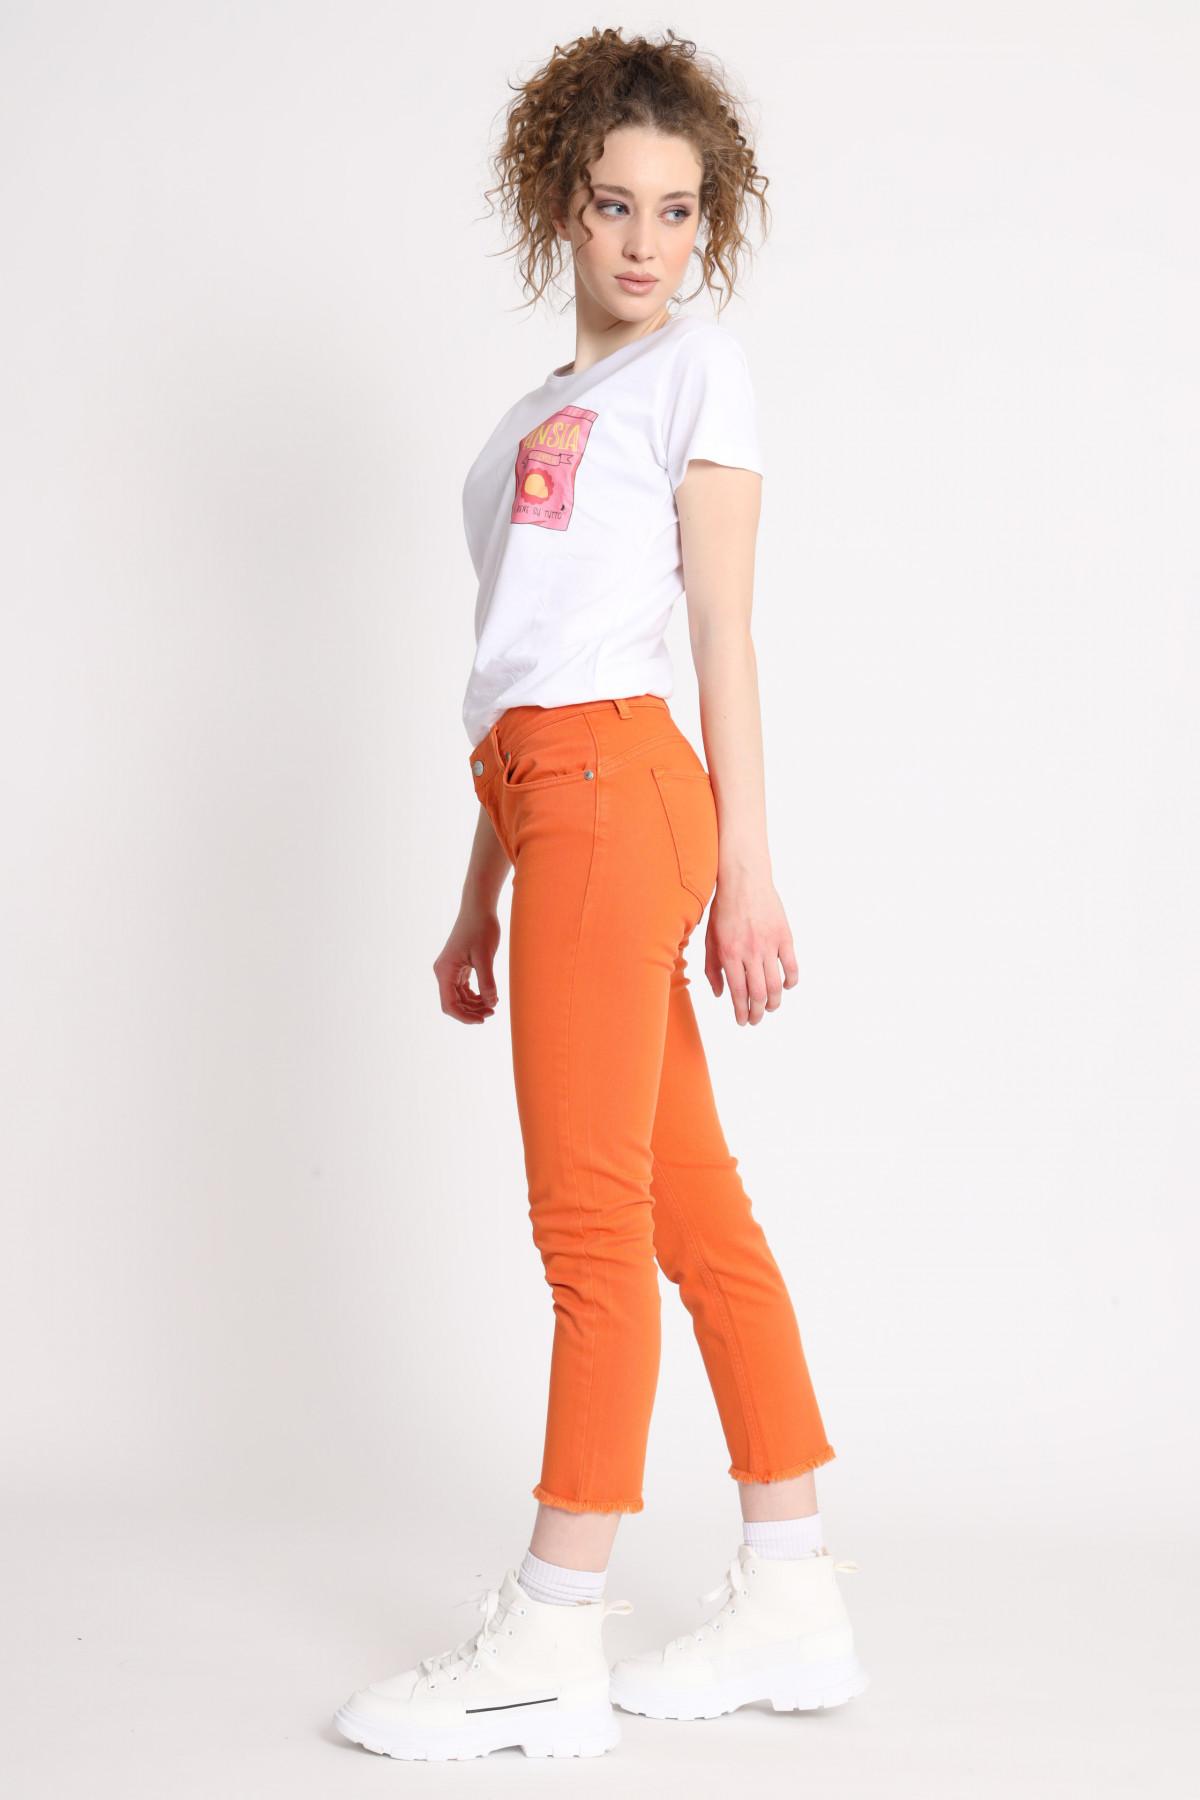 Bull Denim Skinny Jeans with Fringed Bottom